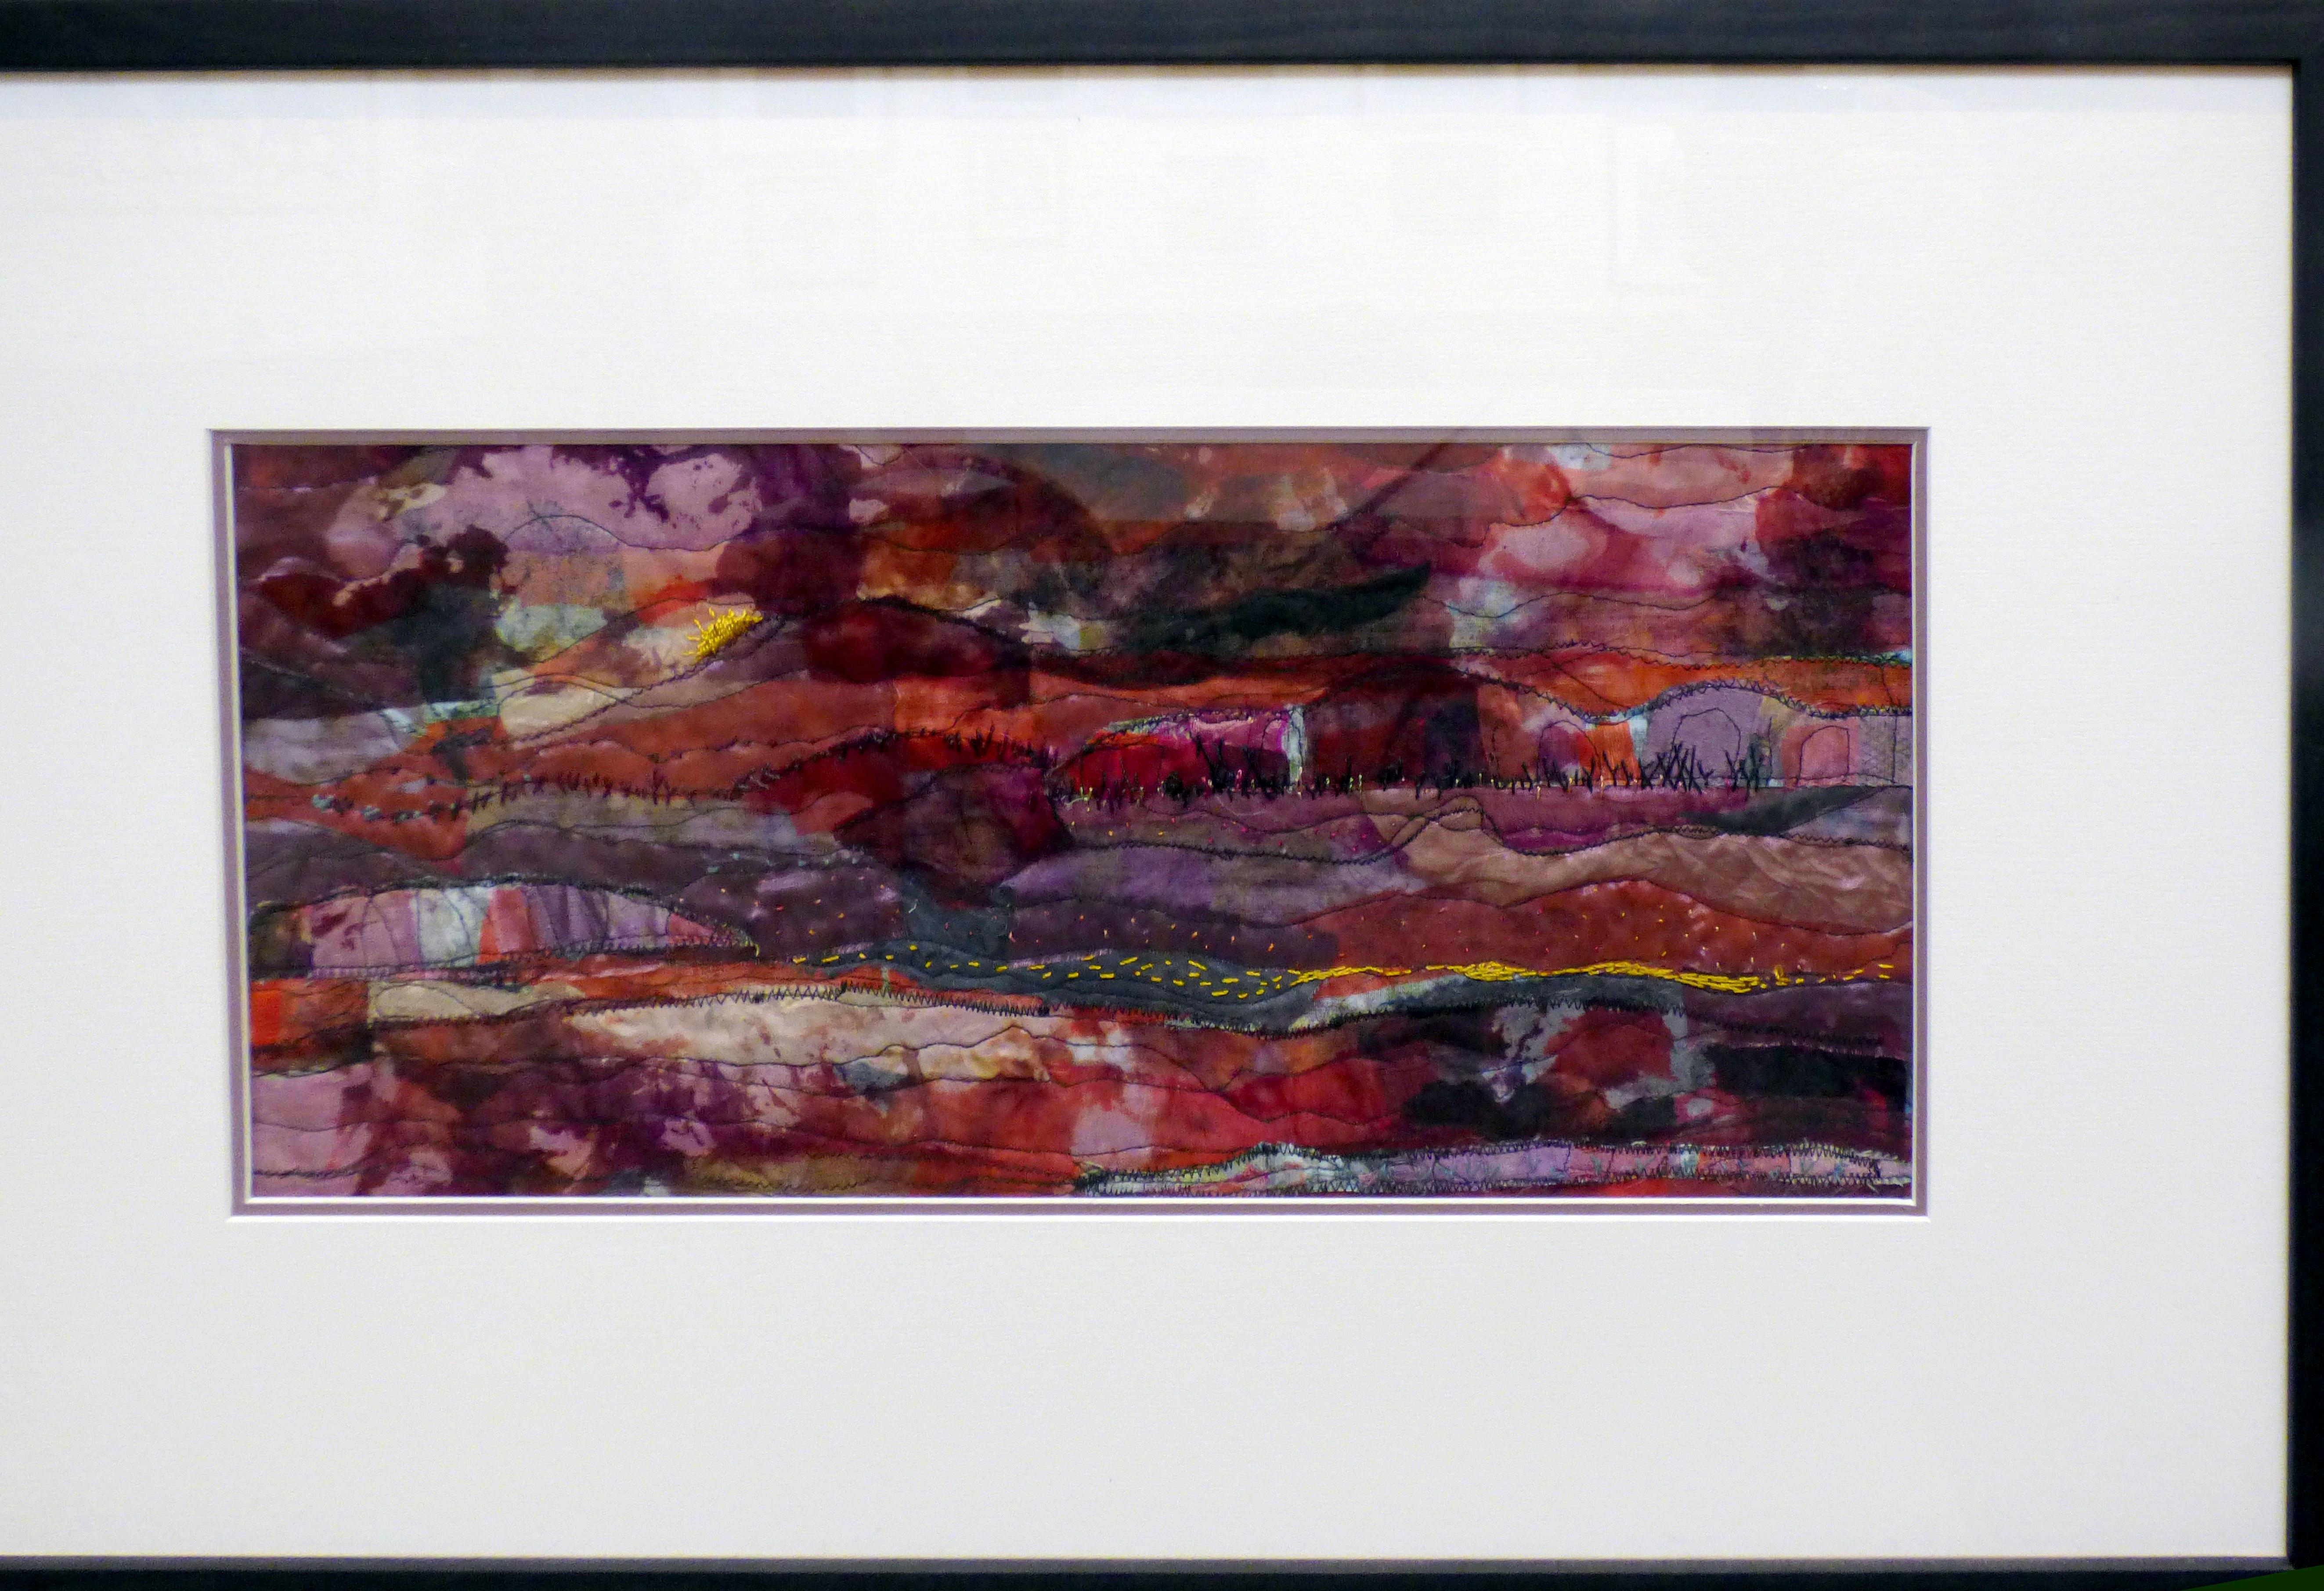 SUNSET by Janet Vance, machine stitching on layers of organza